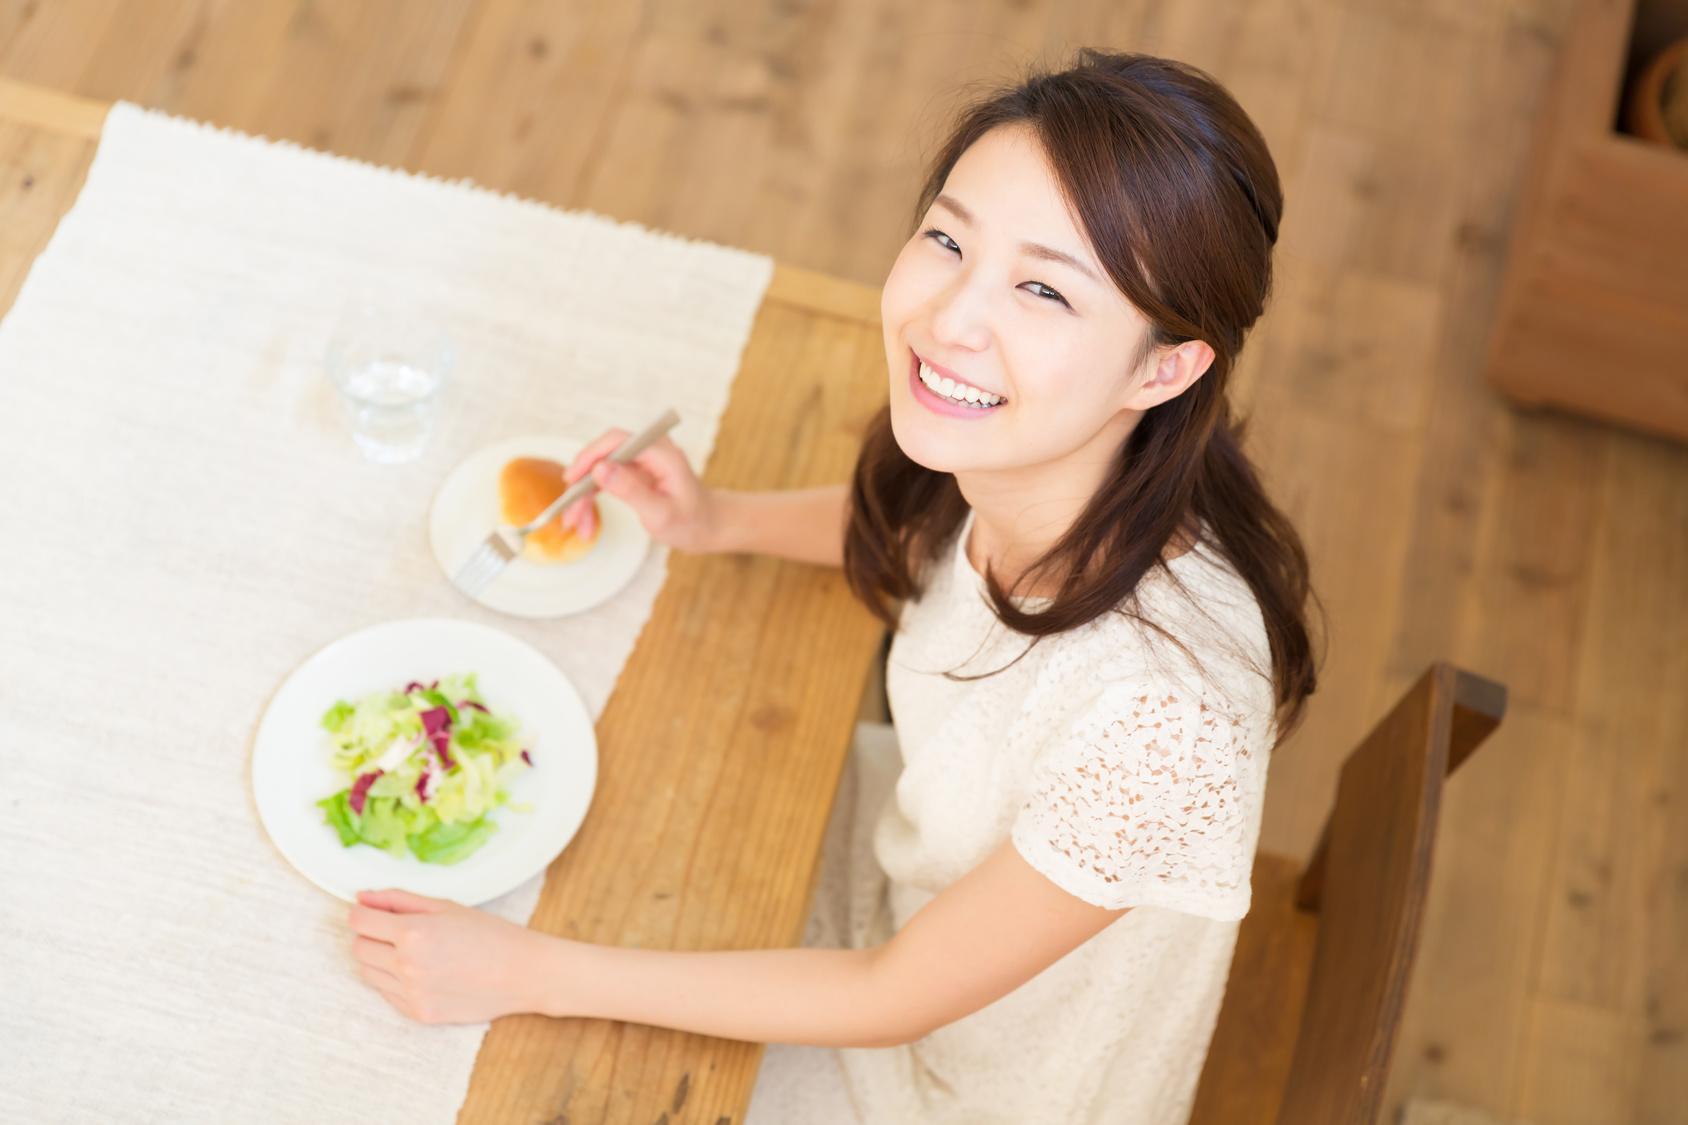 ストレスのシミを治す食材